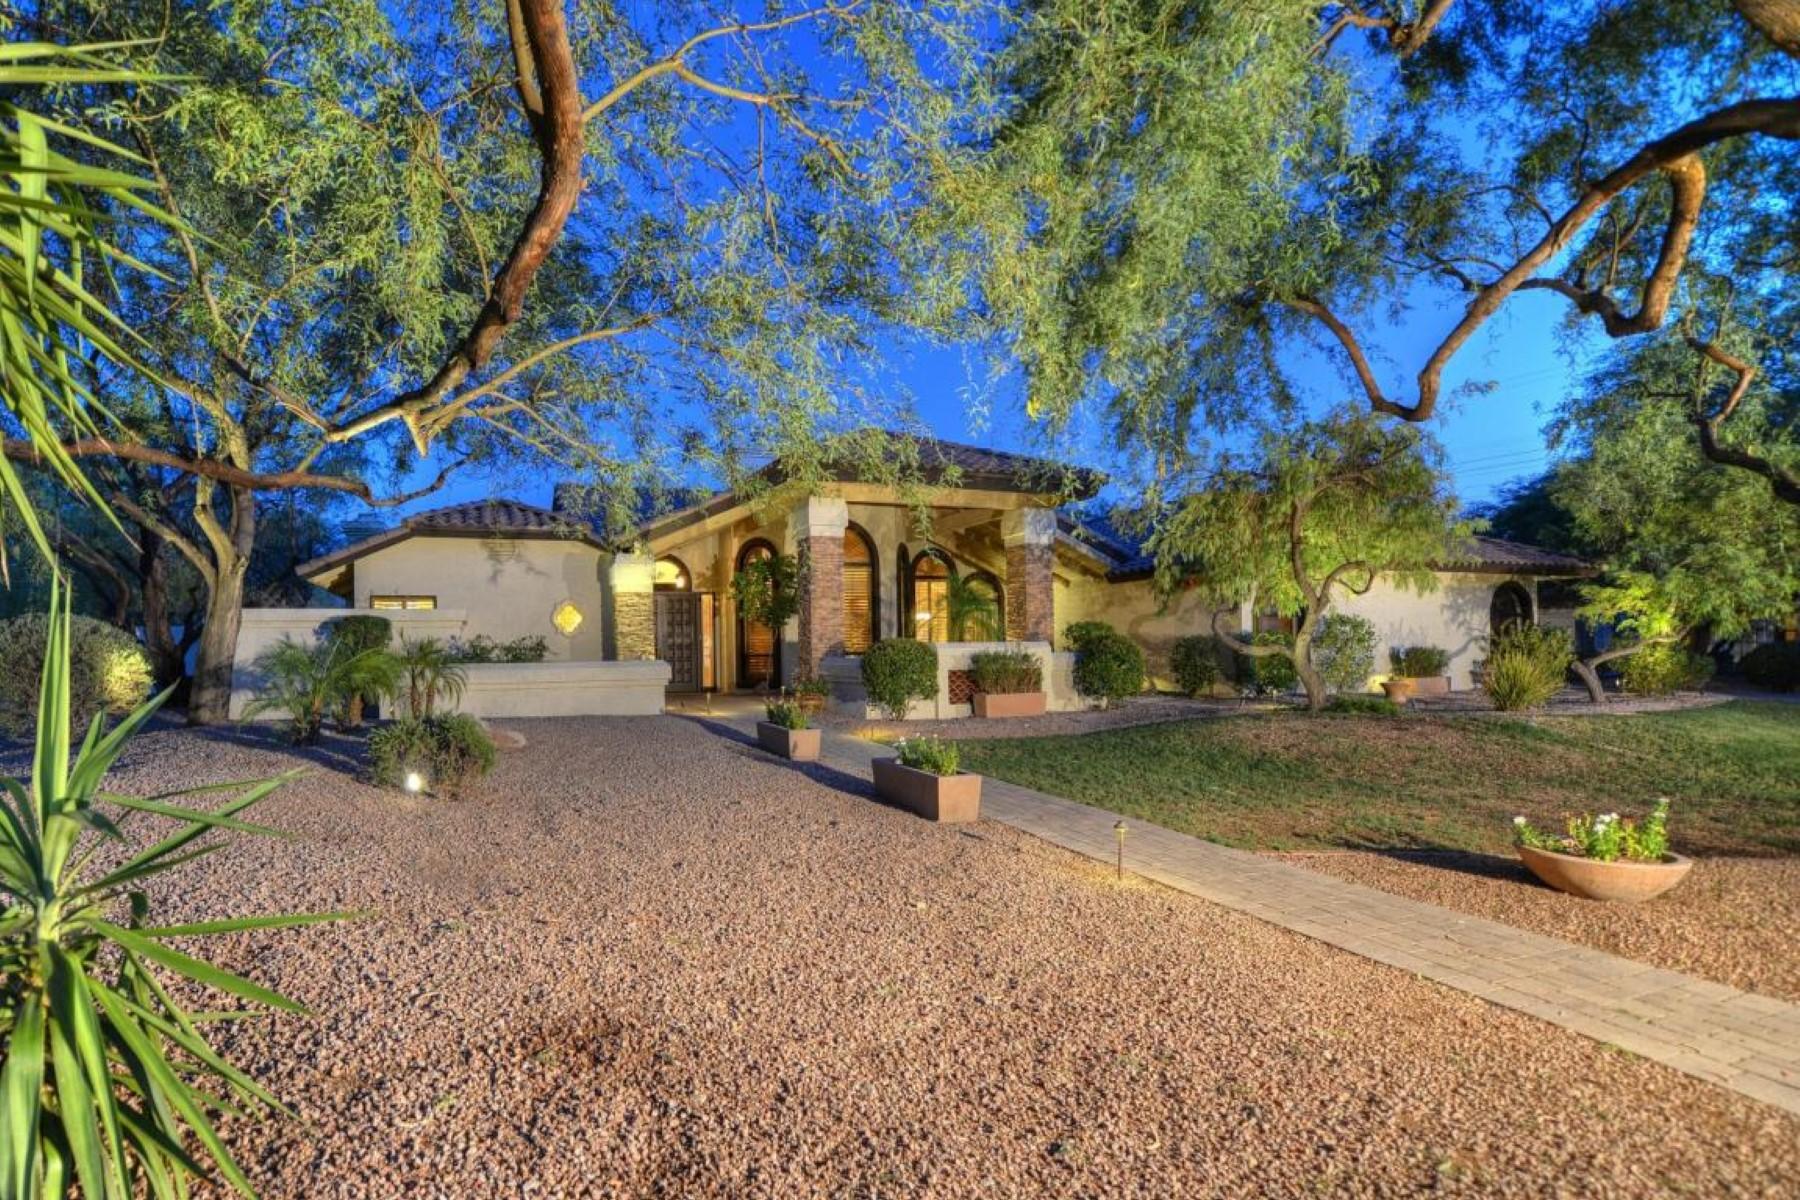 Tek Ailelik Ev için Satış at Stunning custom home on over ½ an acre in beautiful gated Montana Ranch. 11803 E BERYL AVE Scottsdale, Arizona 85259 Amerika Birleşik Devletleri